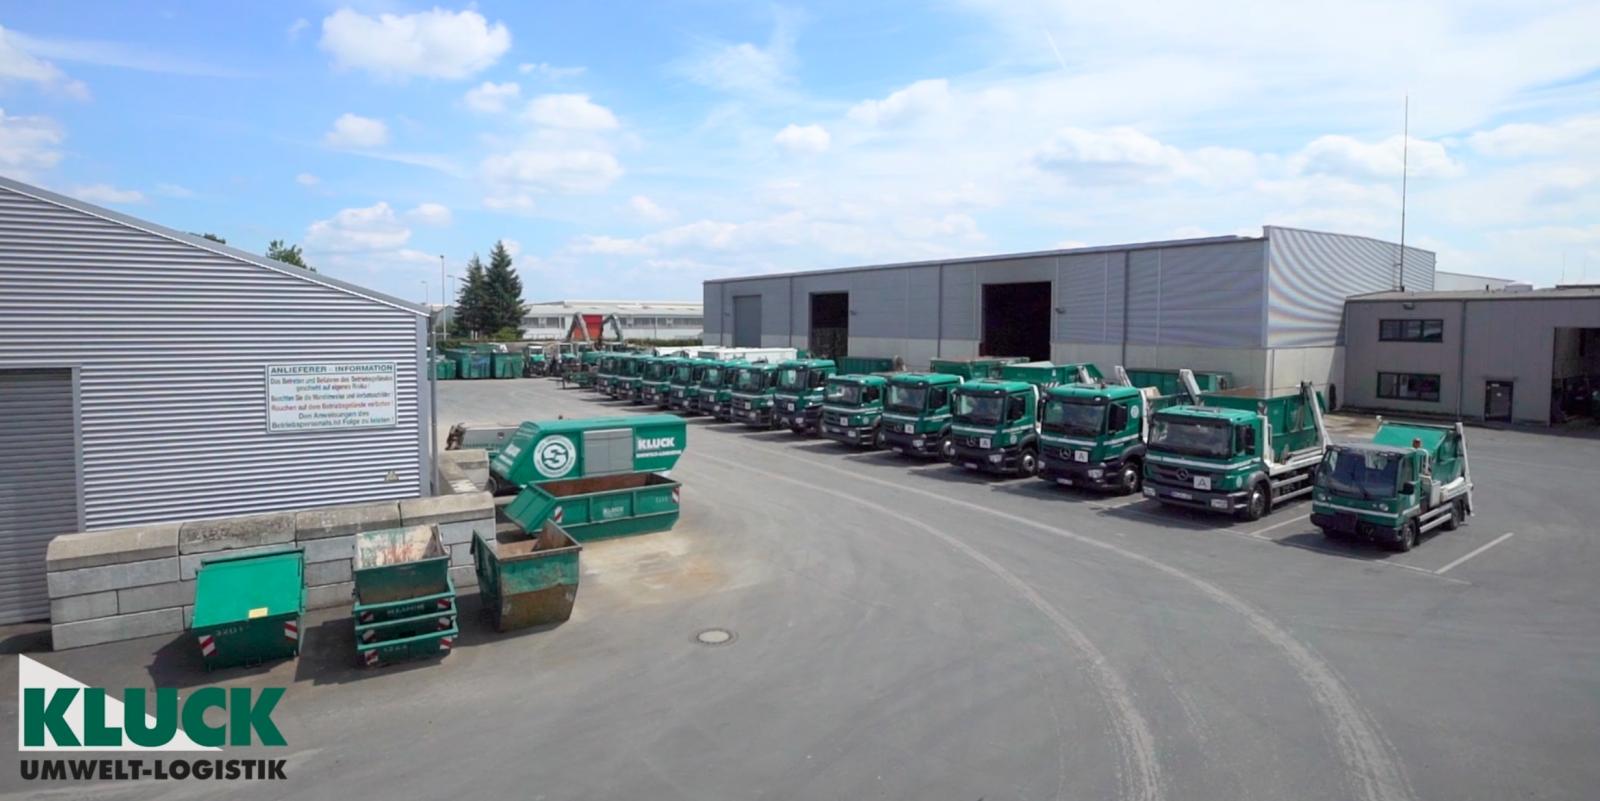 Die Kluck Umwelt-Logistik GmbH In Szene Gesetzt